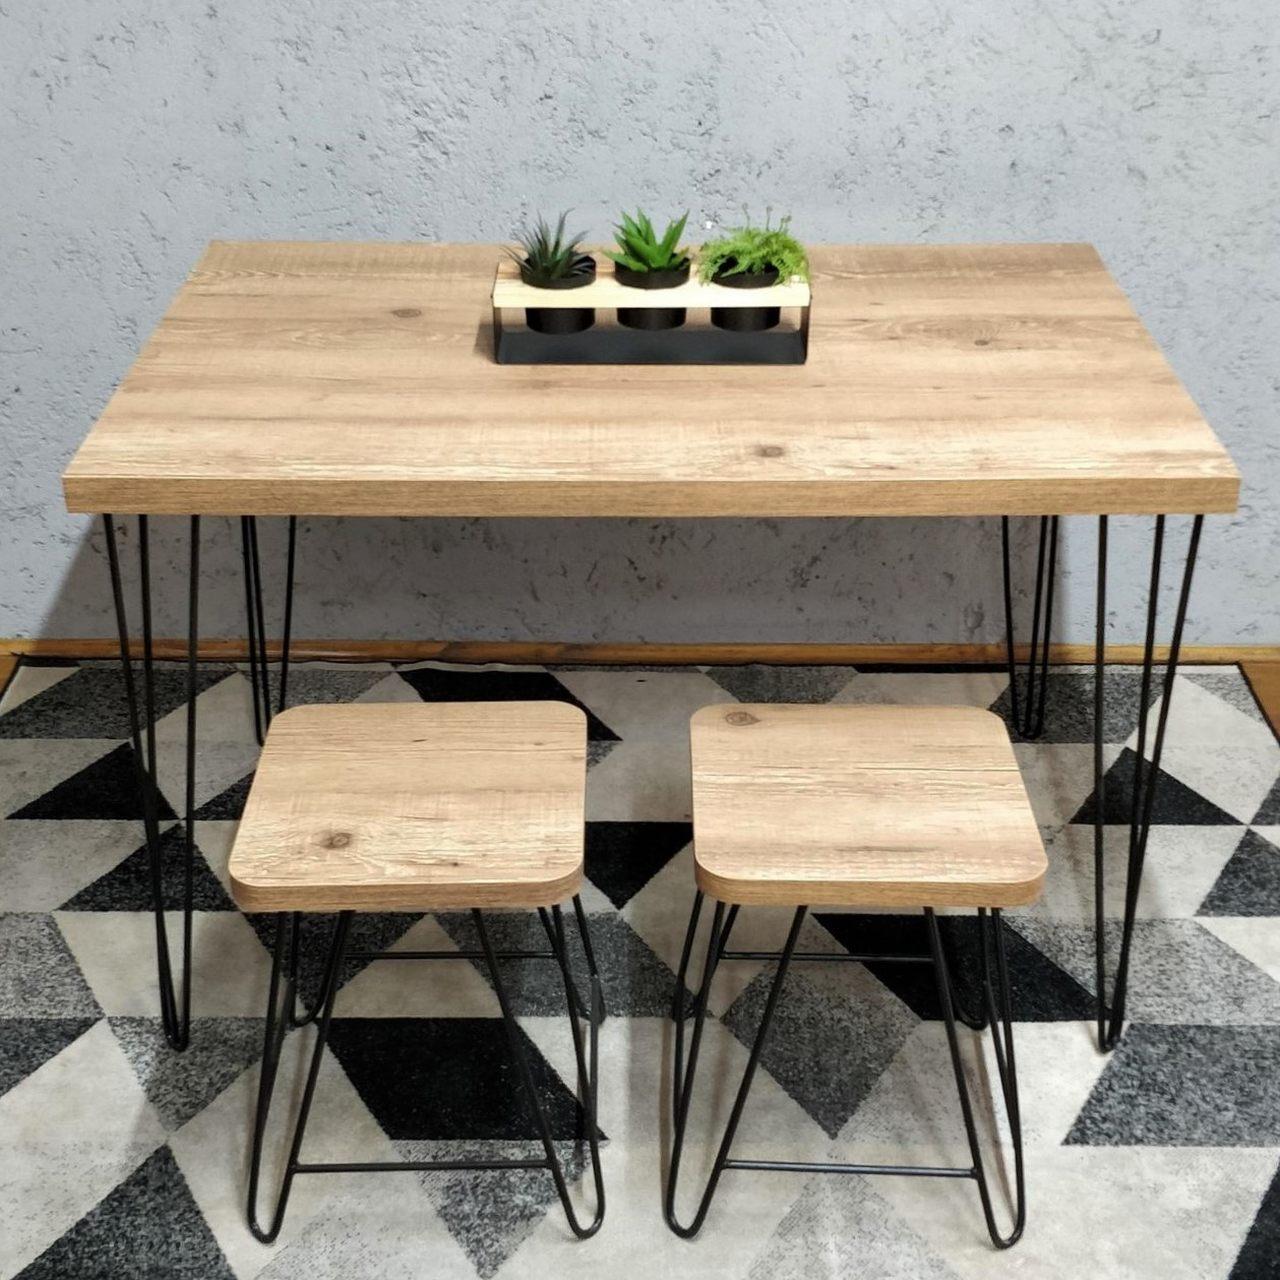 Mesa de Jantar 80x100 Hairpin Legs Antiqua com 2 Banquinhos e 2 Cadeiras Eames Pretas